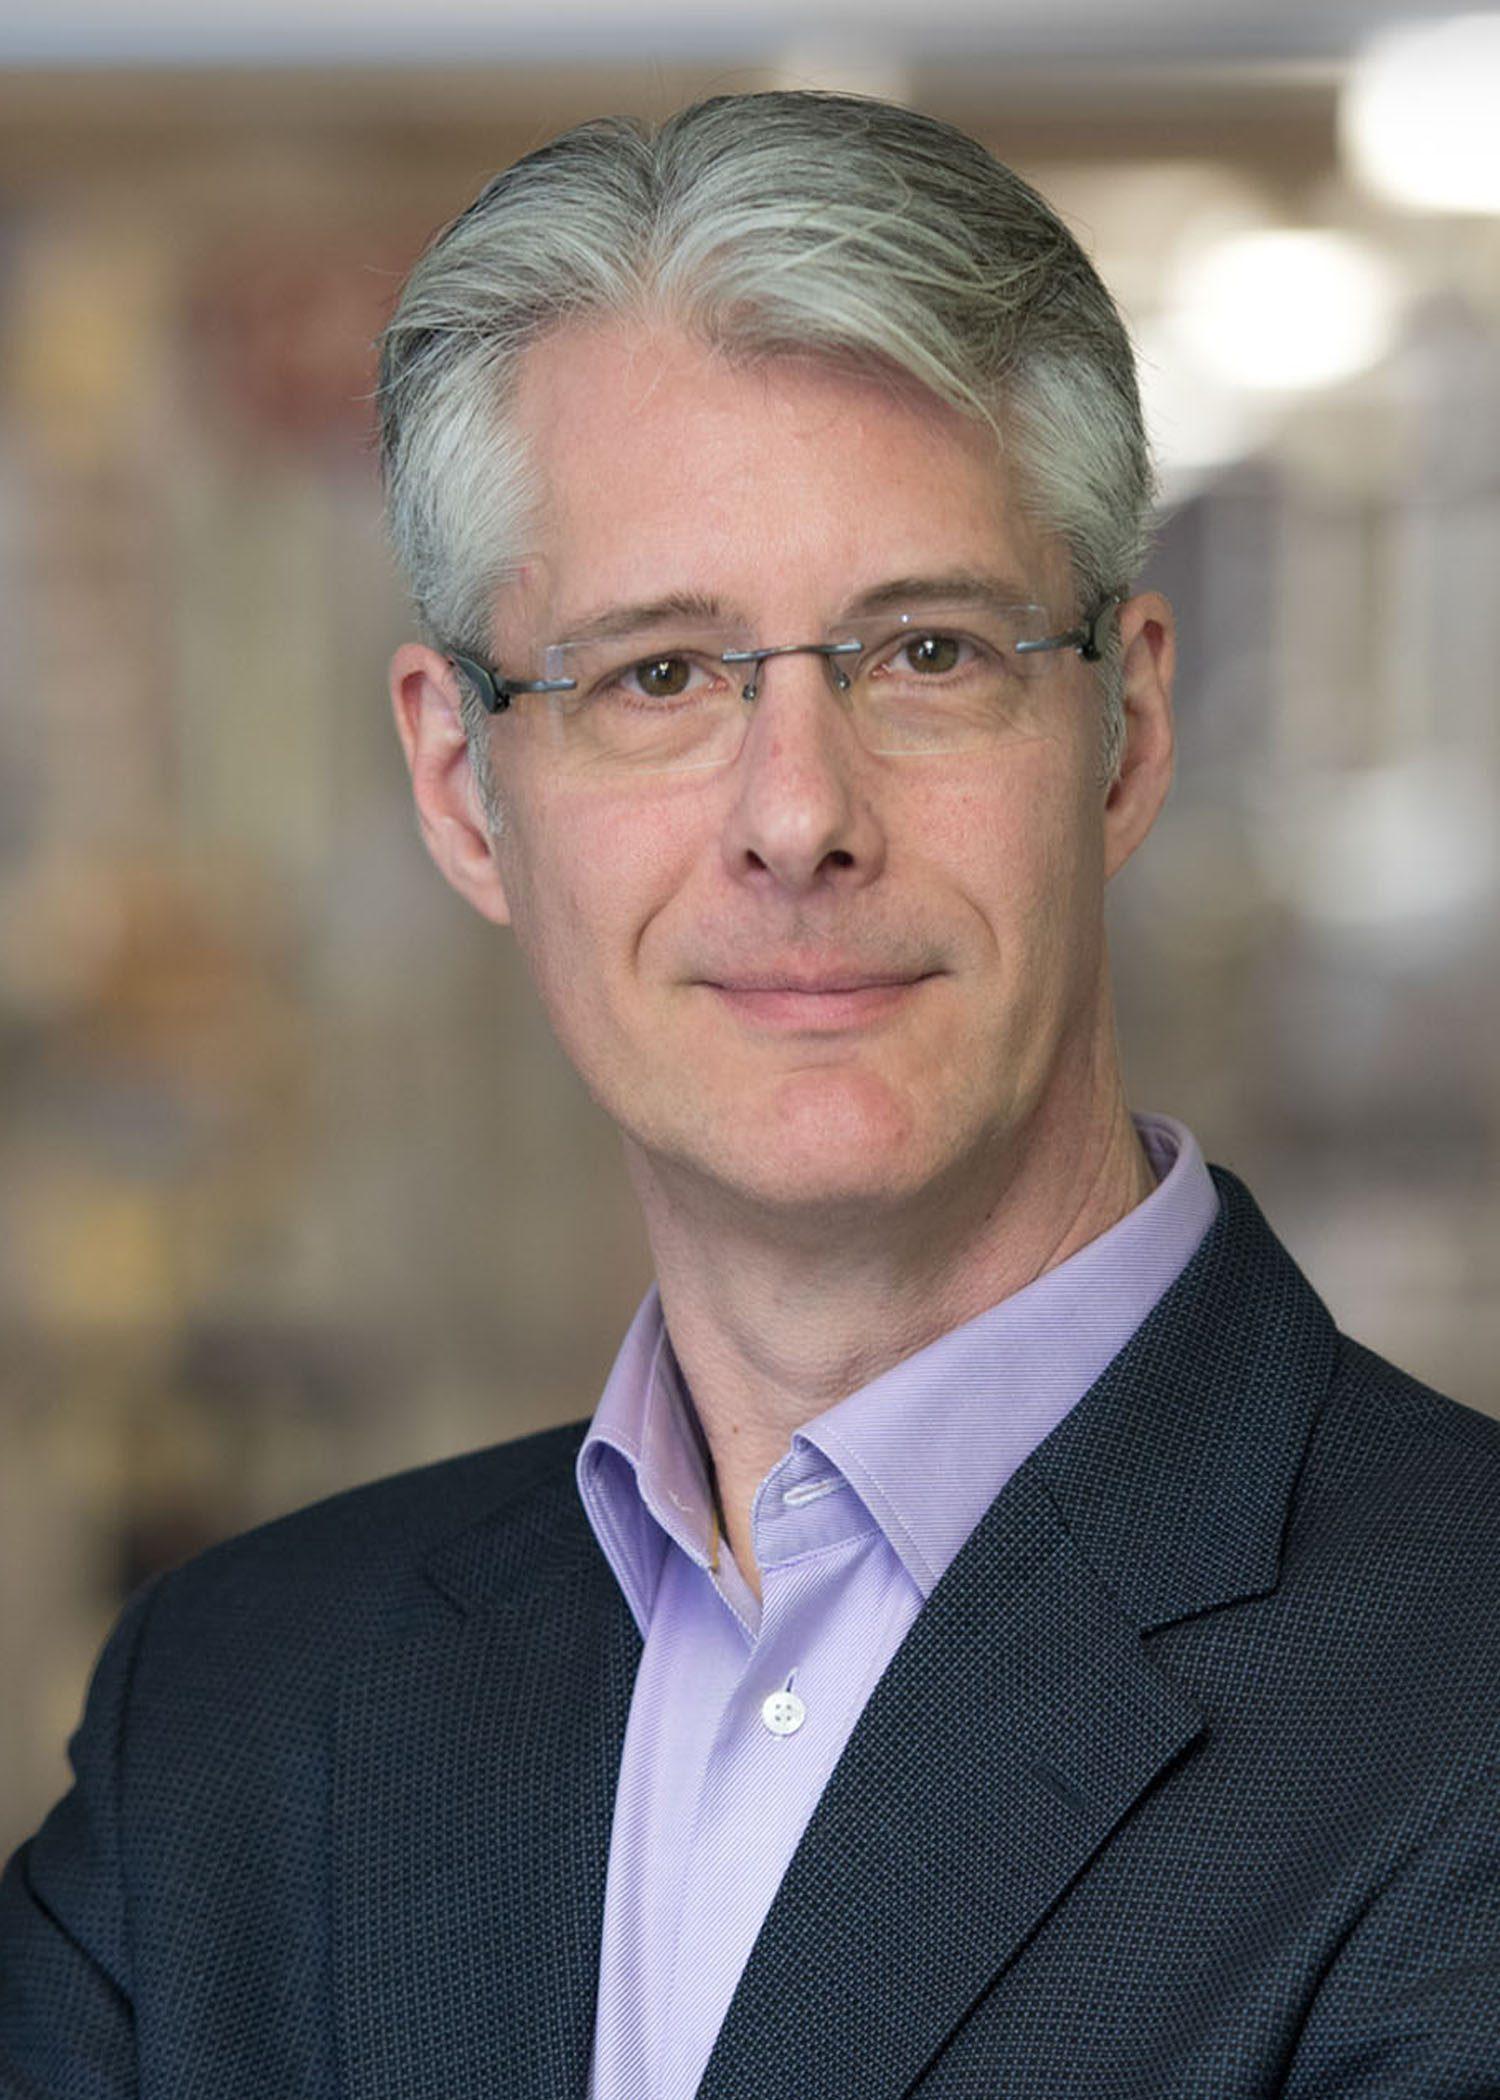 David Maginley